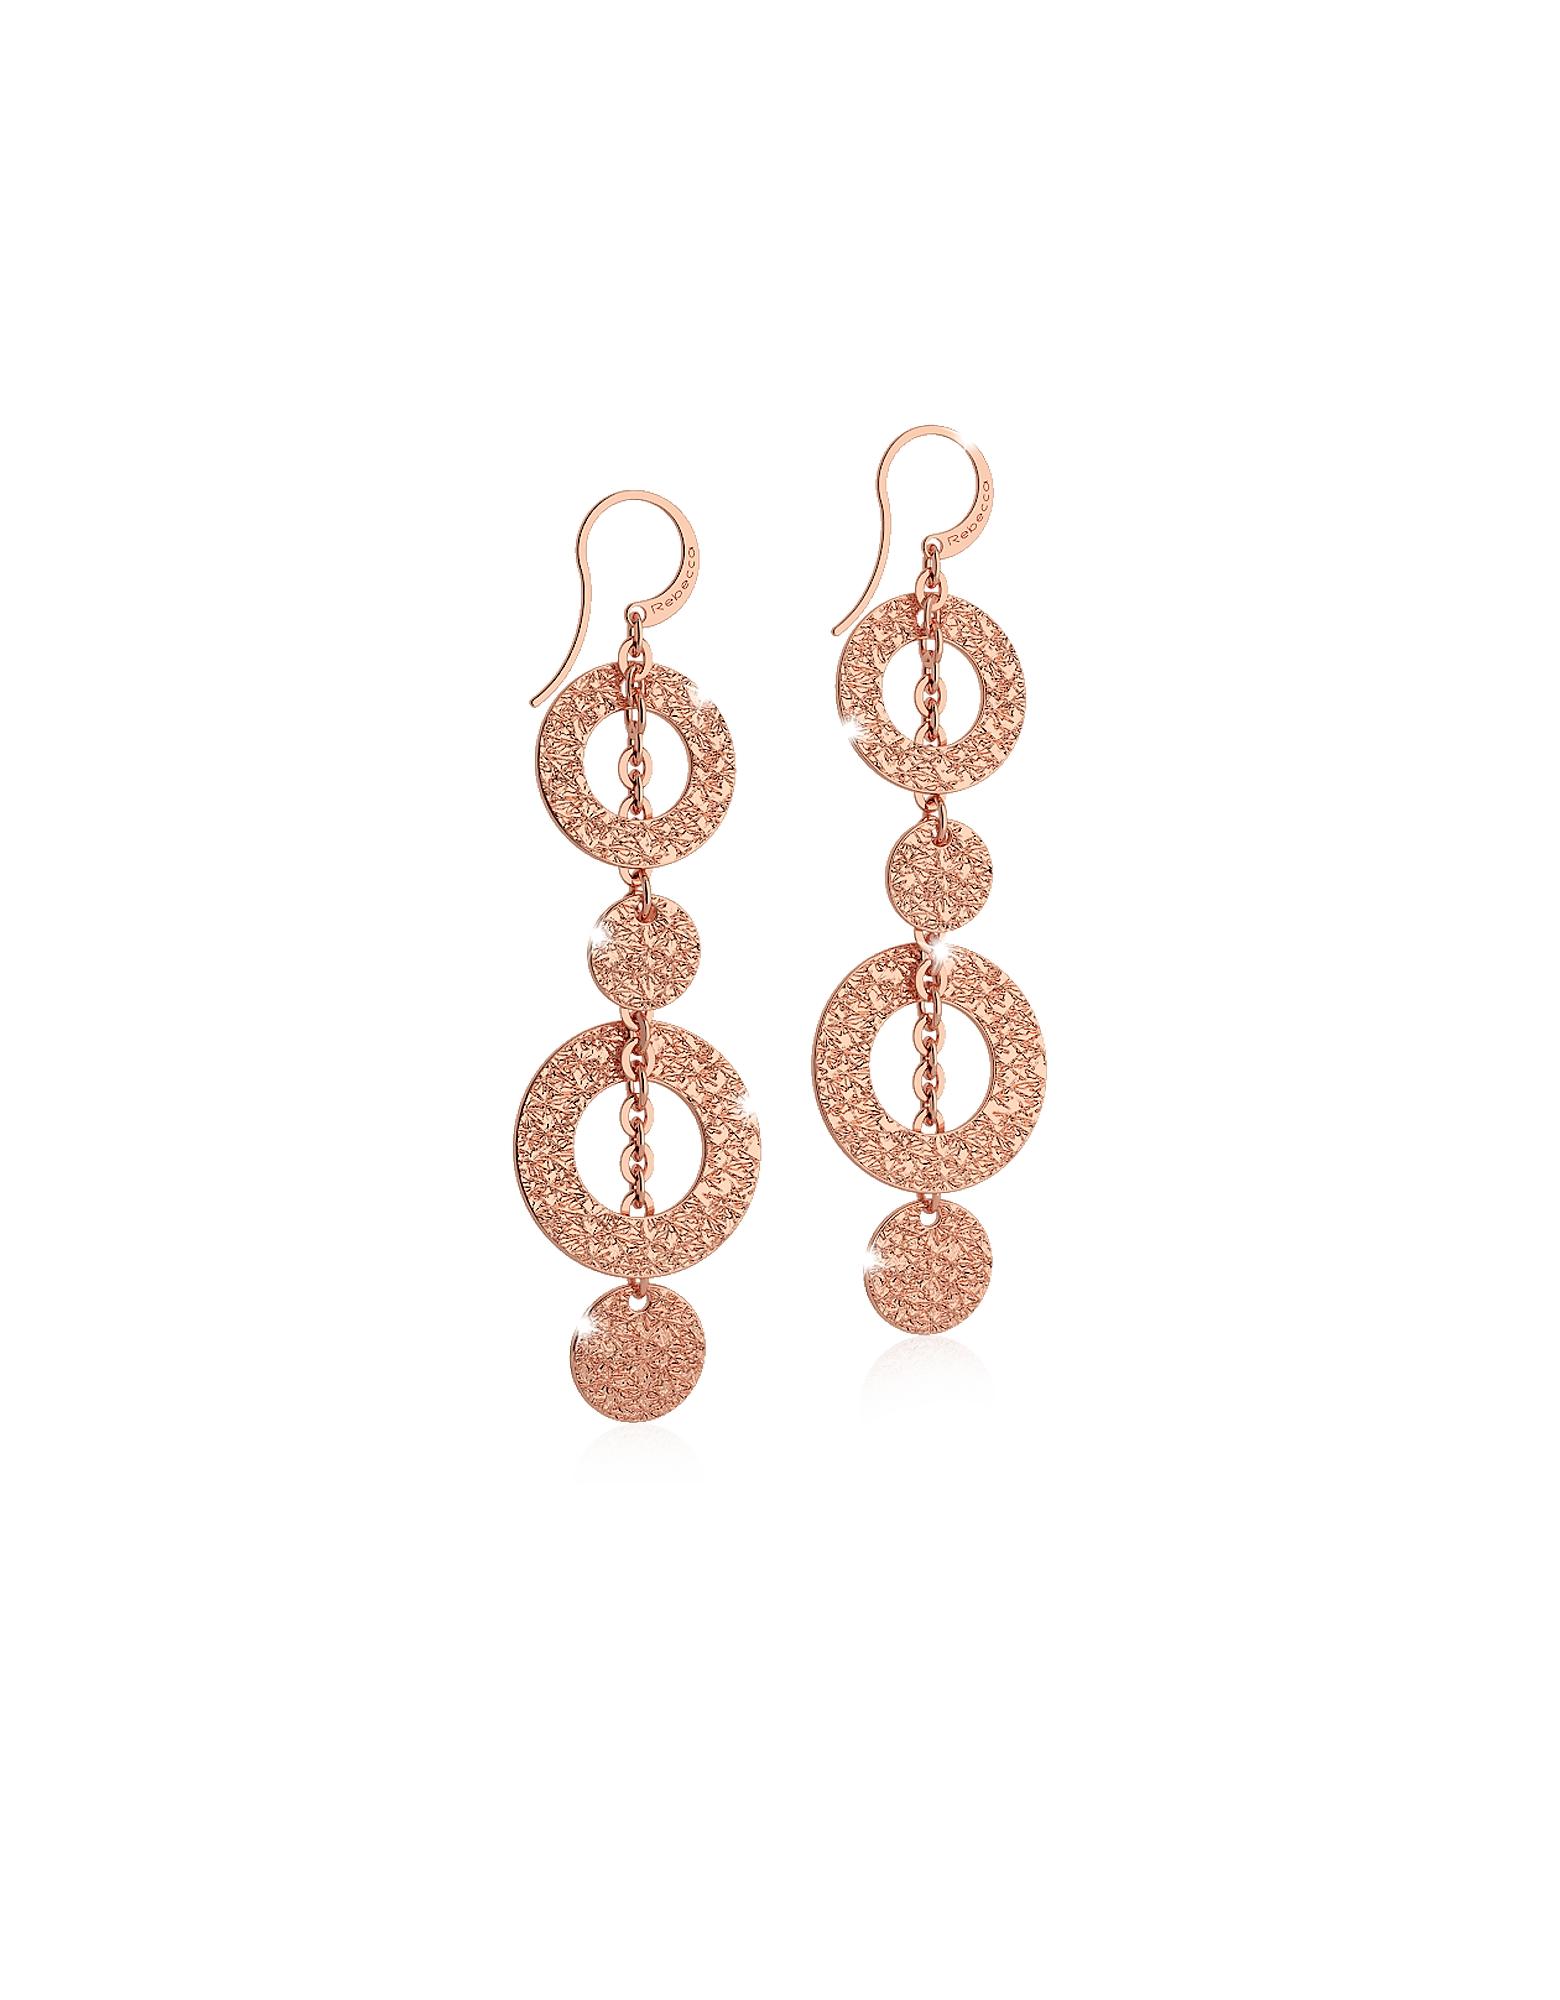 R-ZERO Rose Gold Over Bronze Pendant Earrings